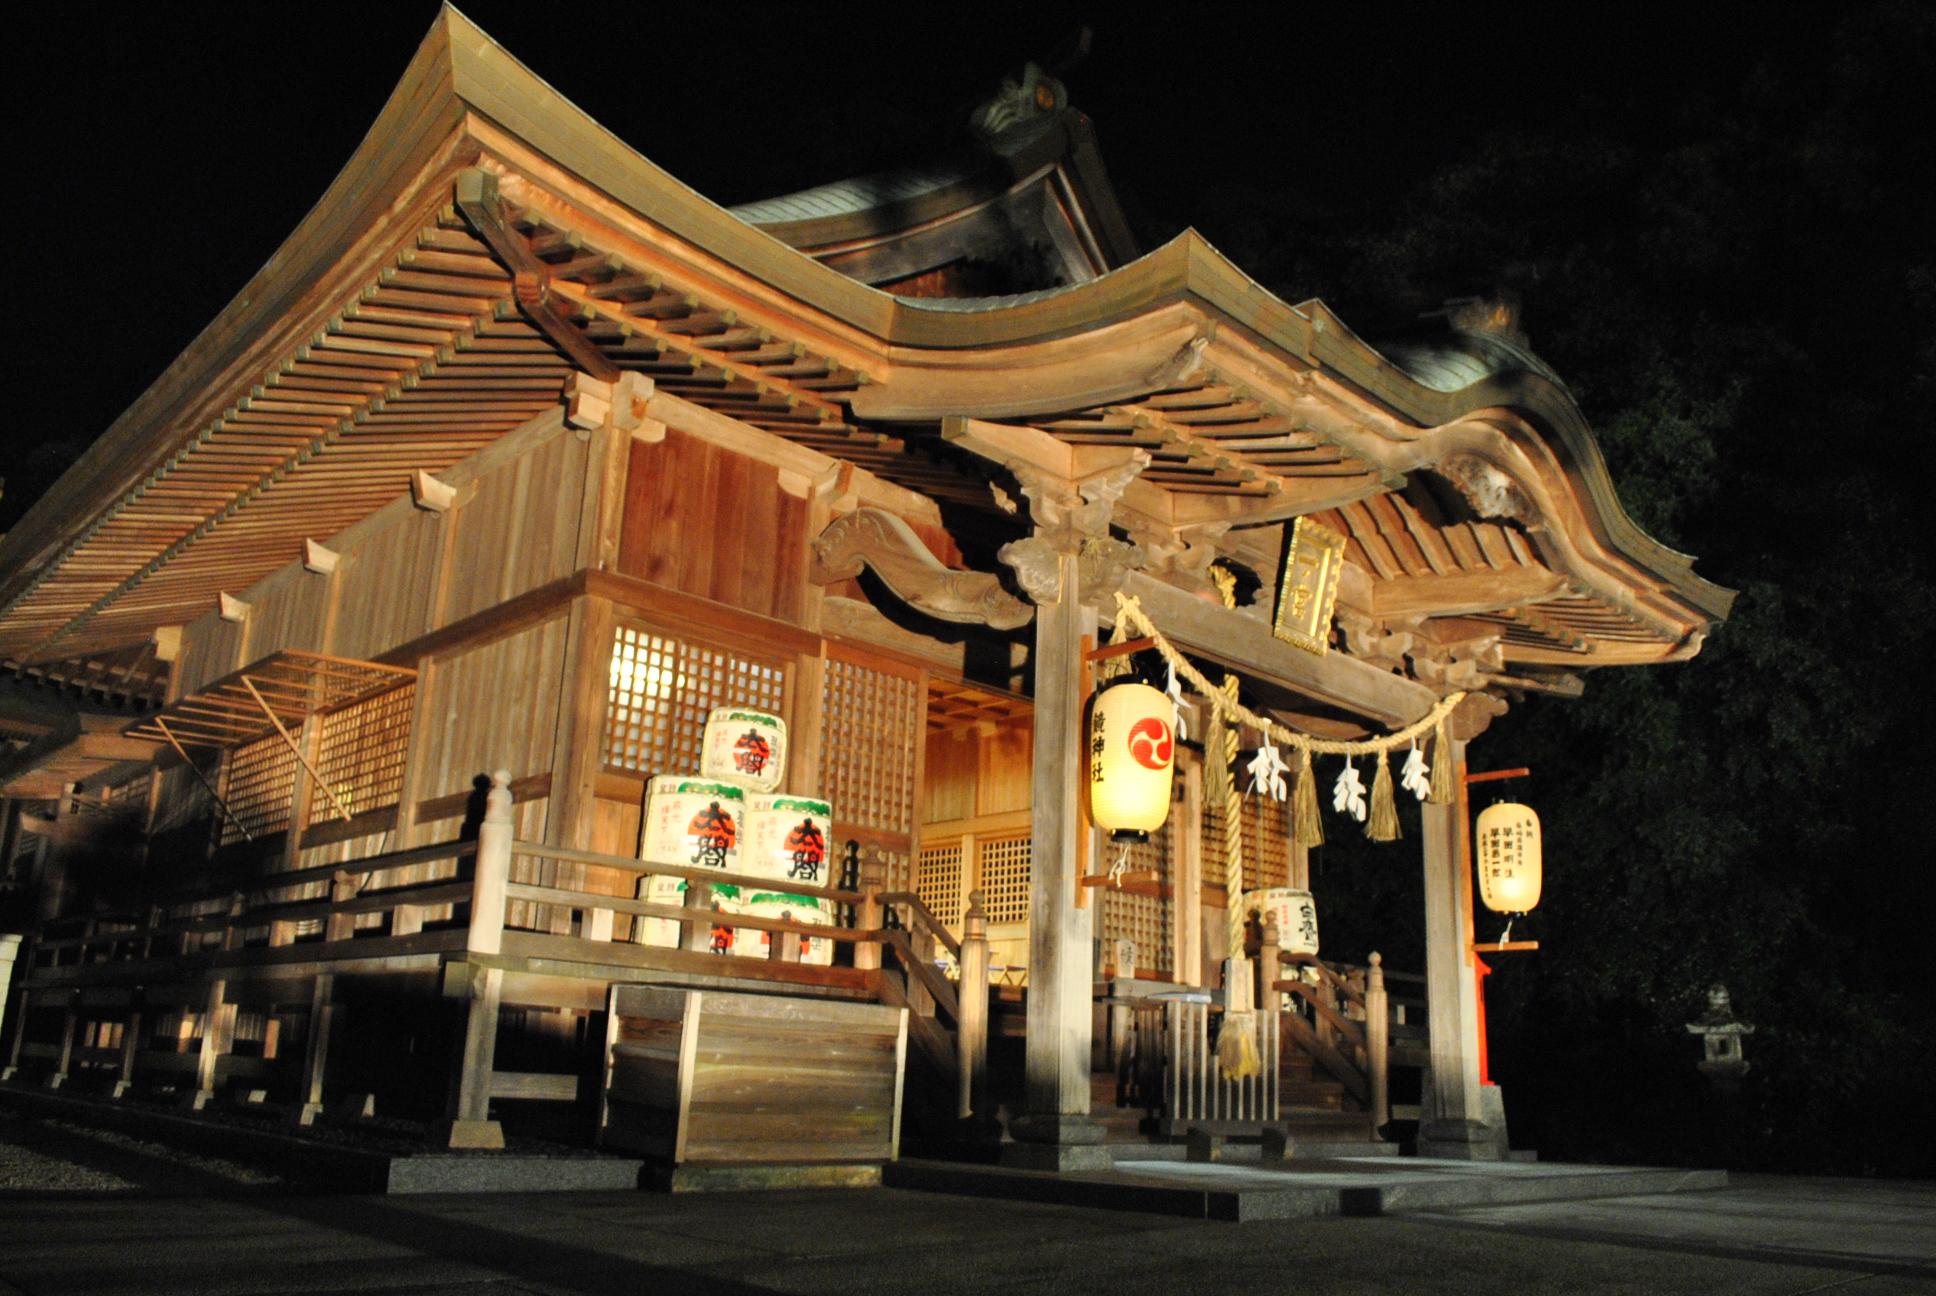 佐賀県唐津市の鏡神社で、夏越の大祓い神事が執り行われます。